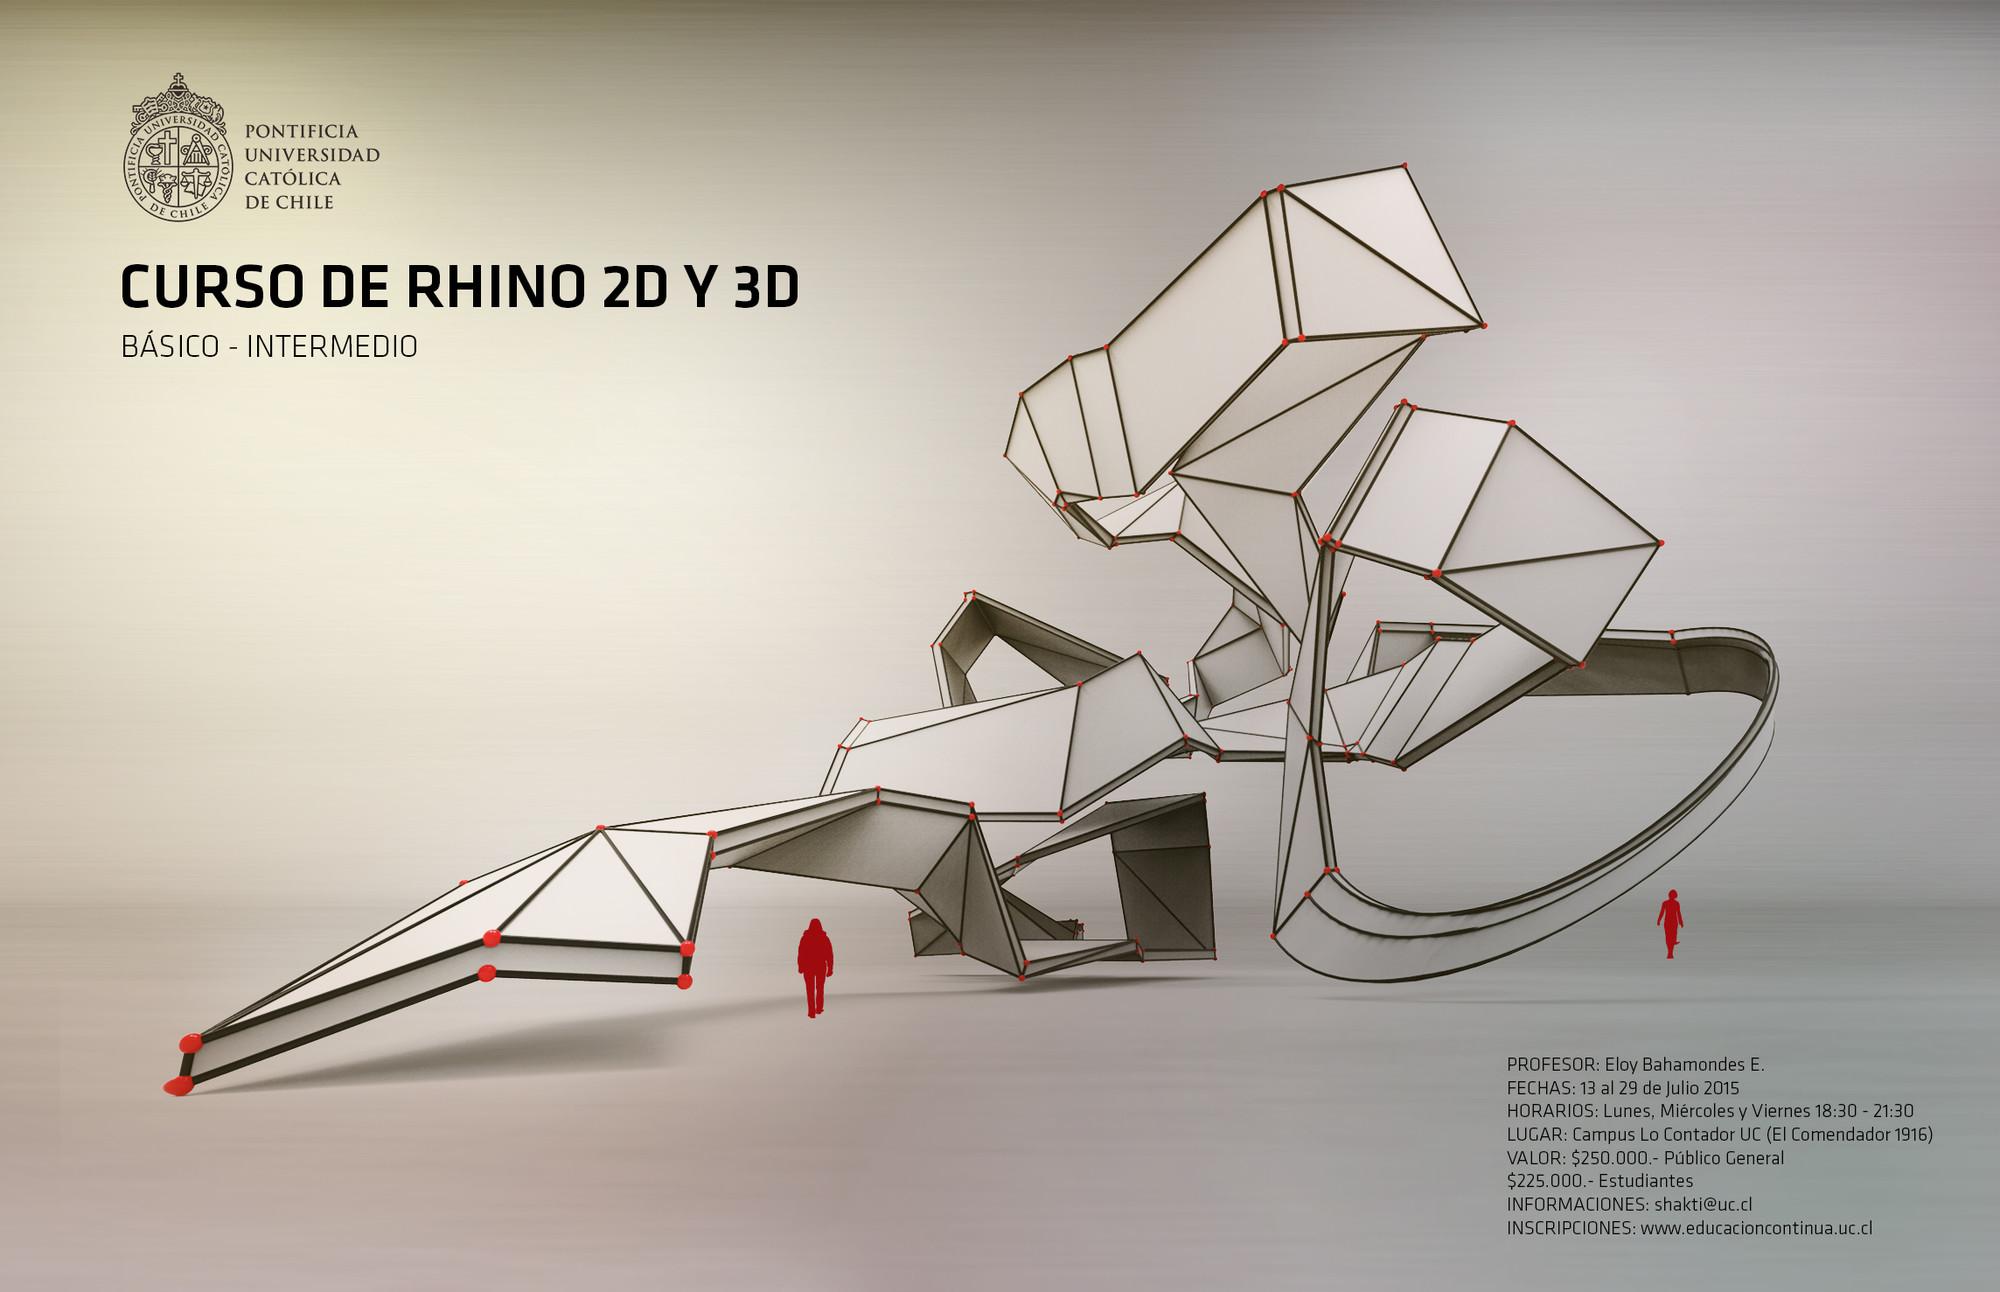 Curso de Rhino 2D y 3D / Escuela de Arquitectura UC, Cortesia de Educación Continua UC